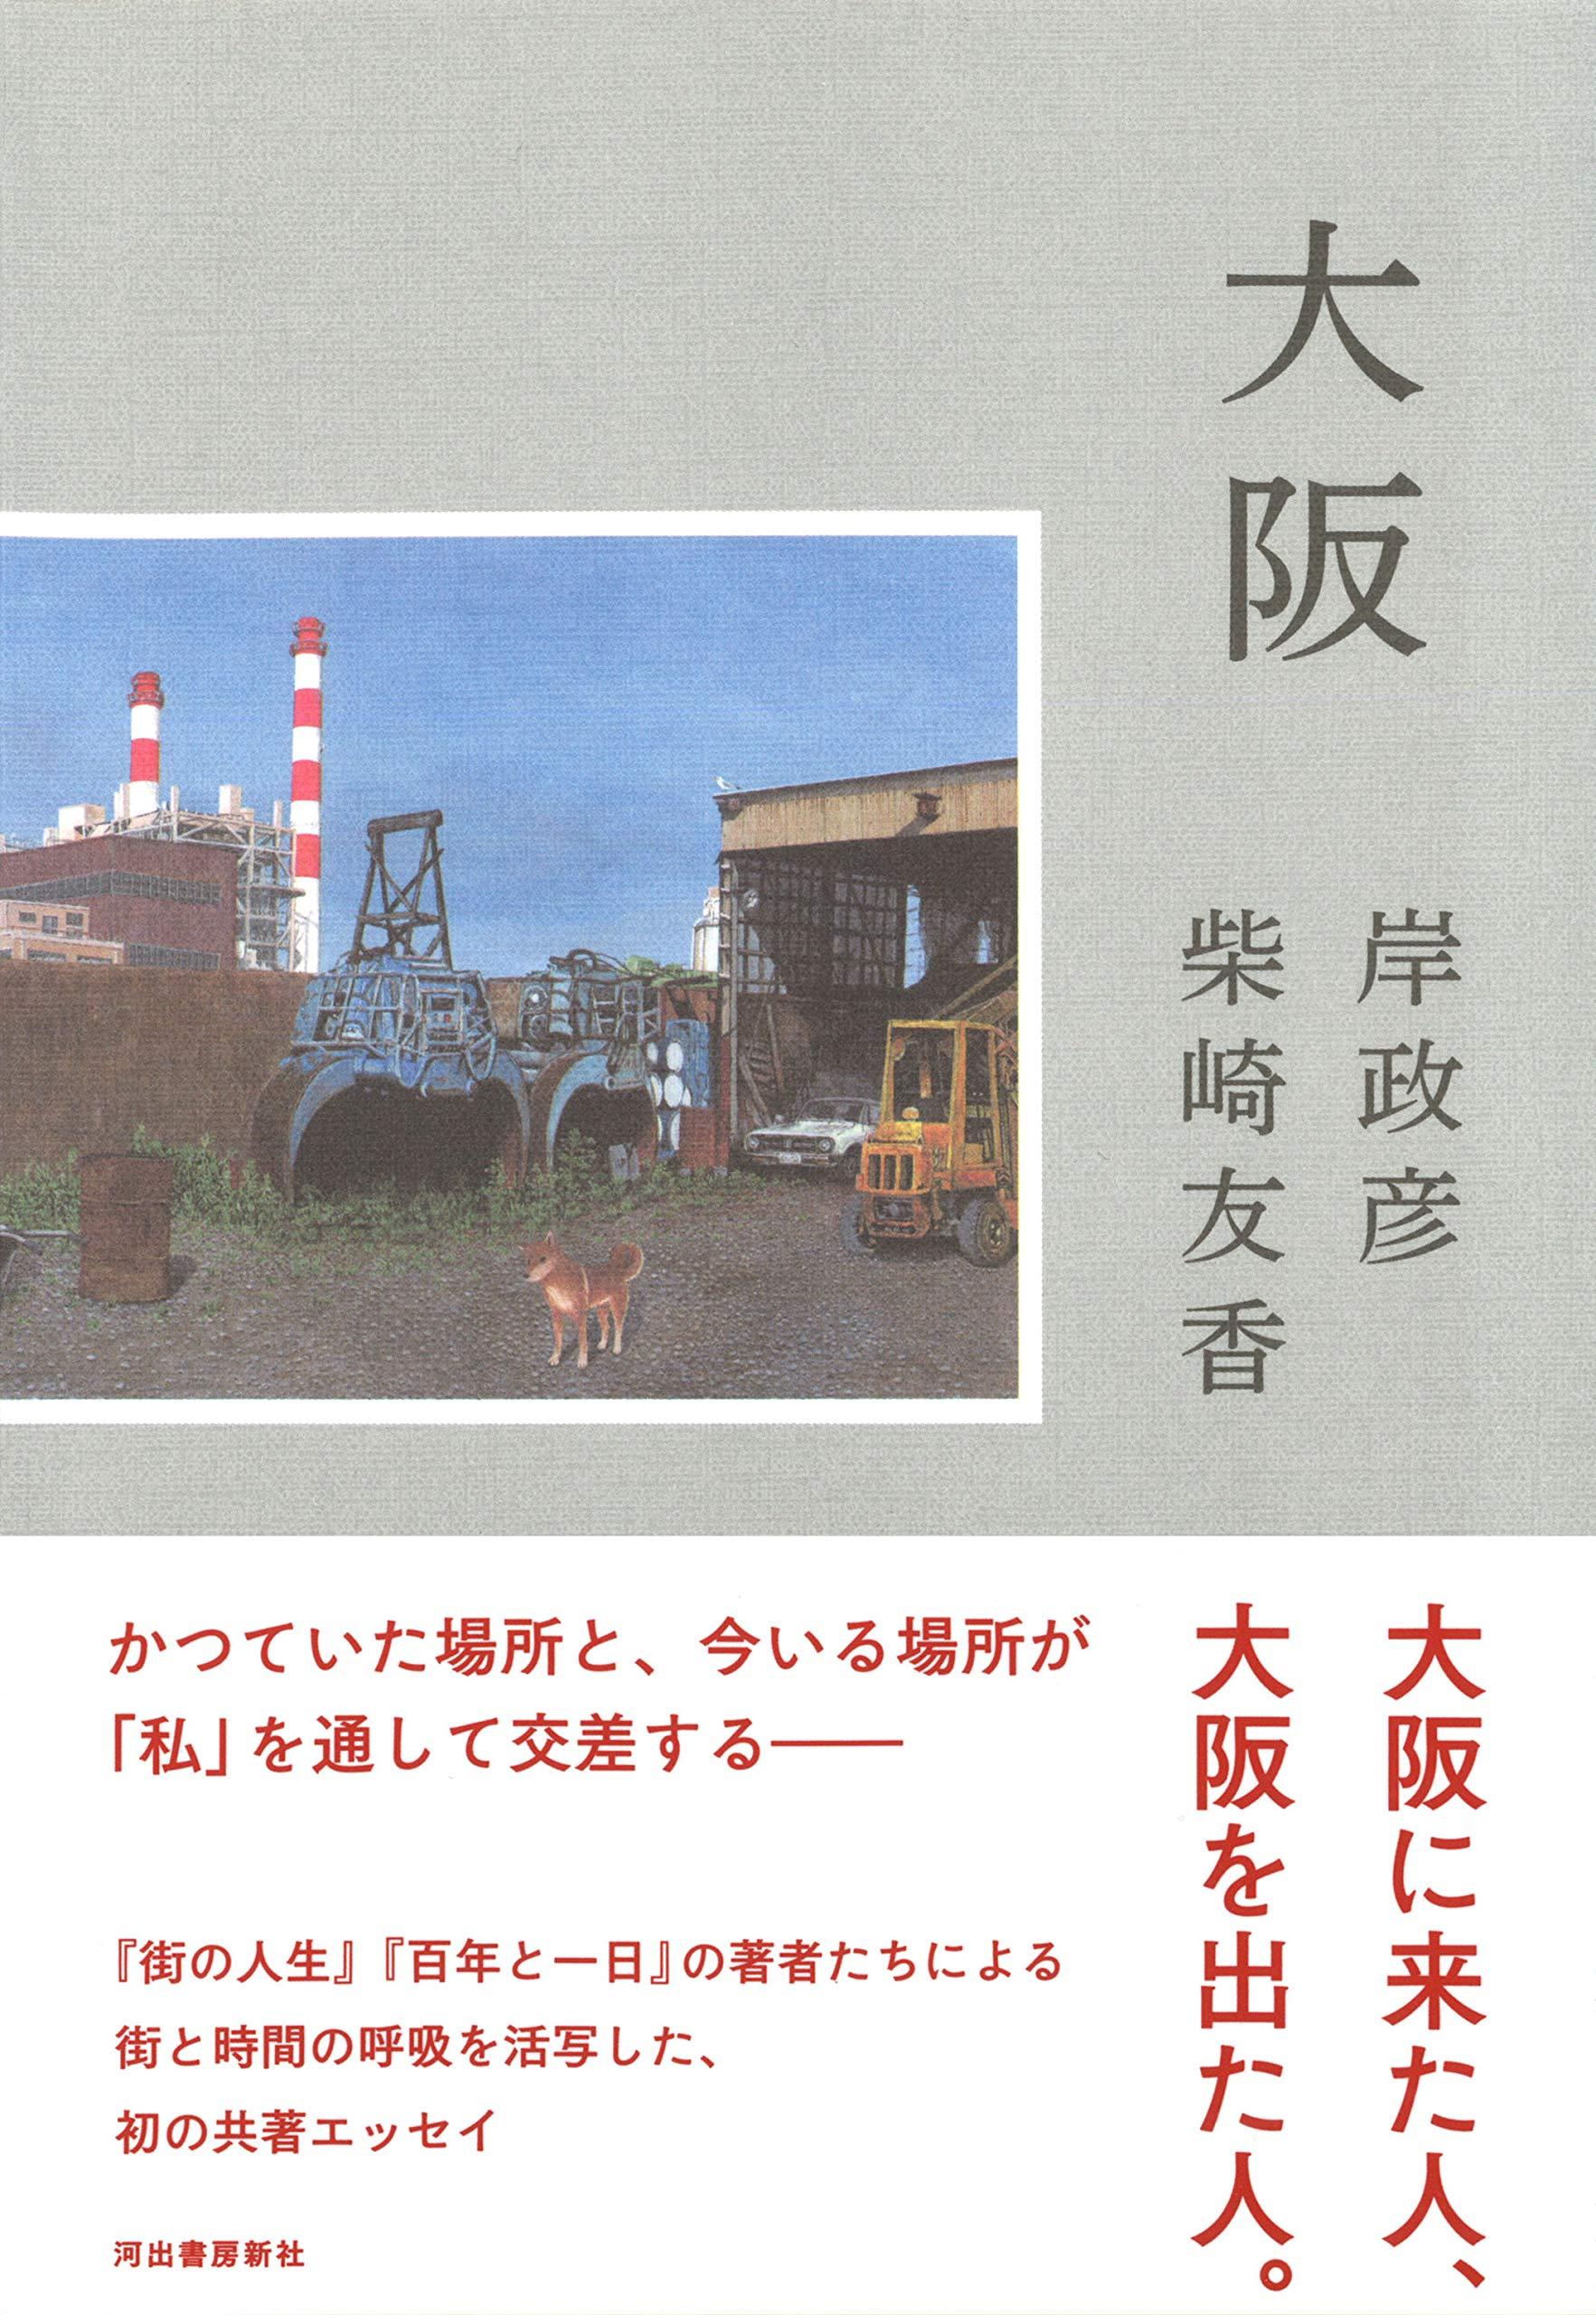 岸政彦・柴崎友香『大阪』